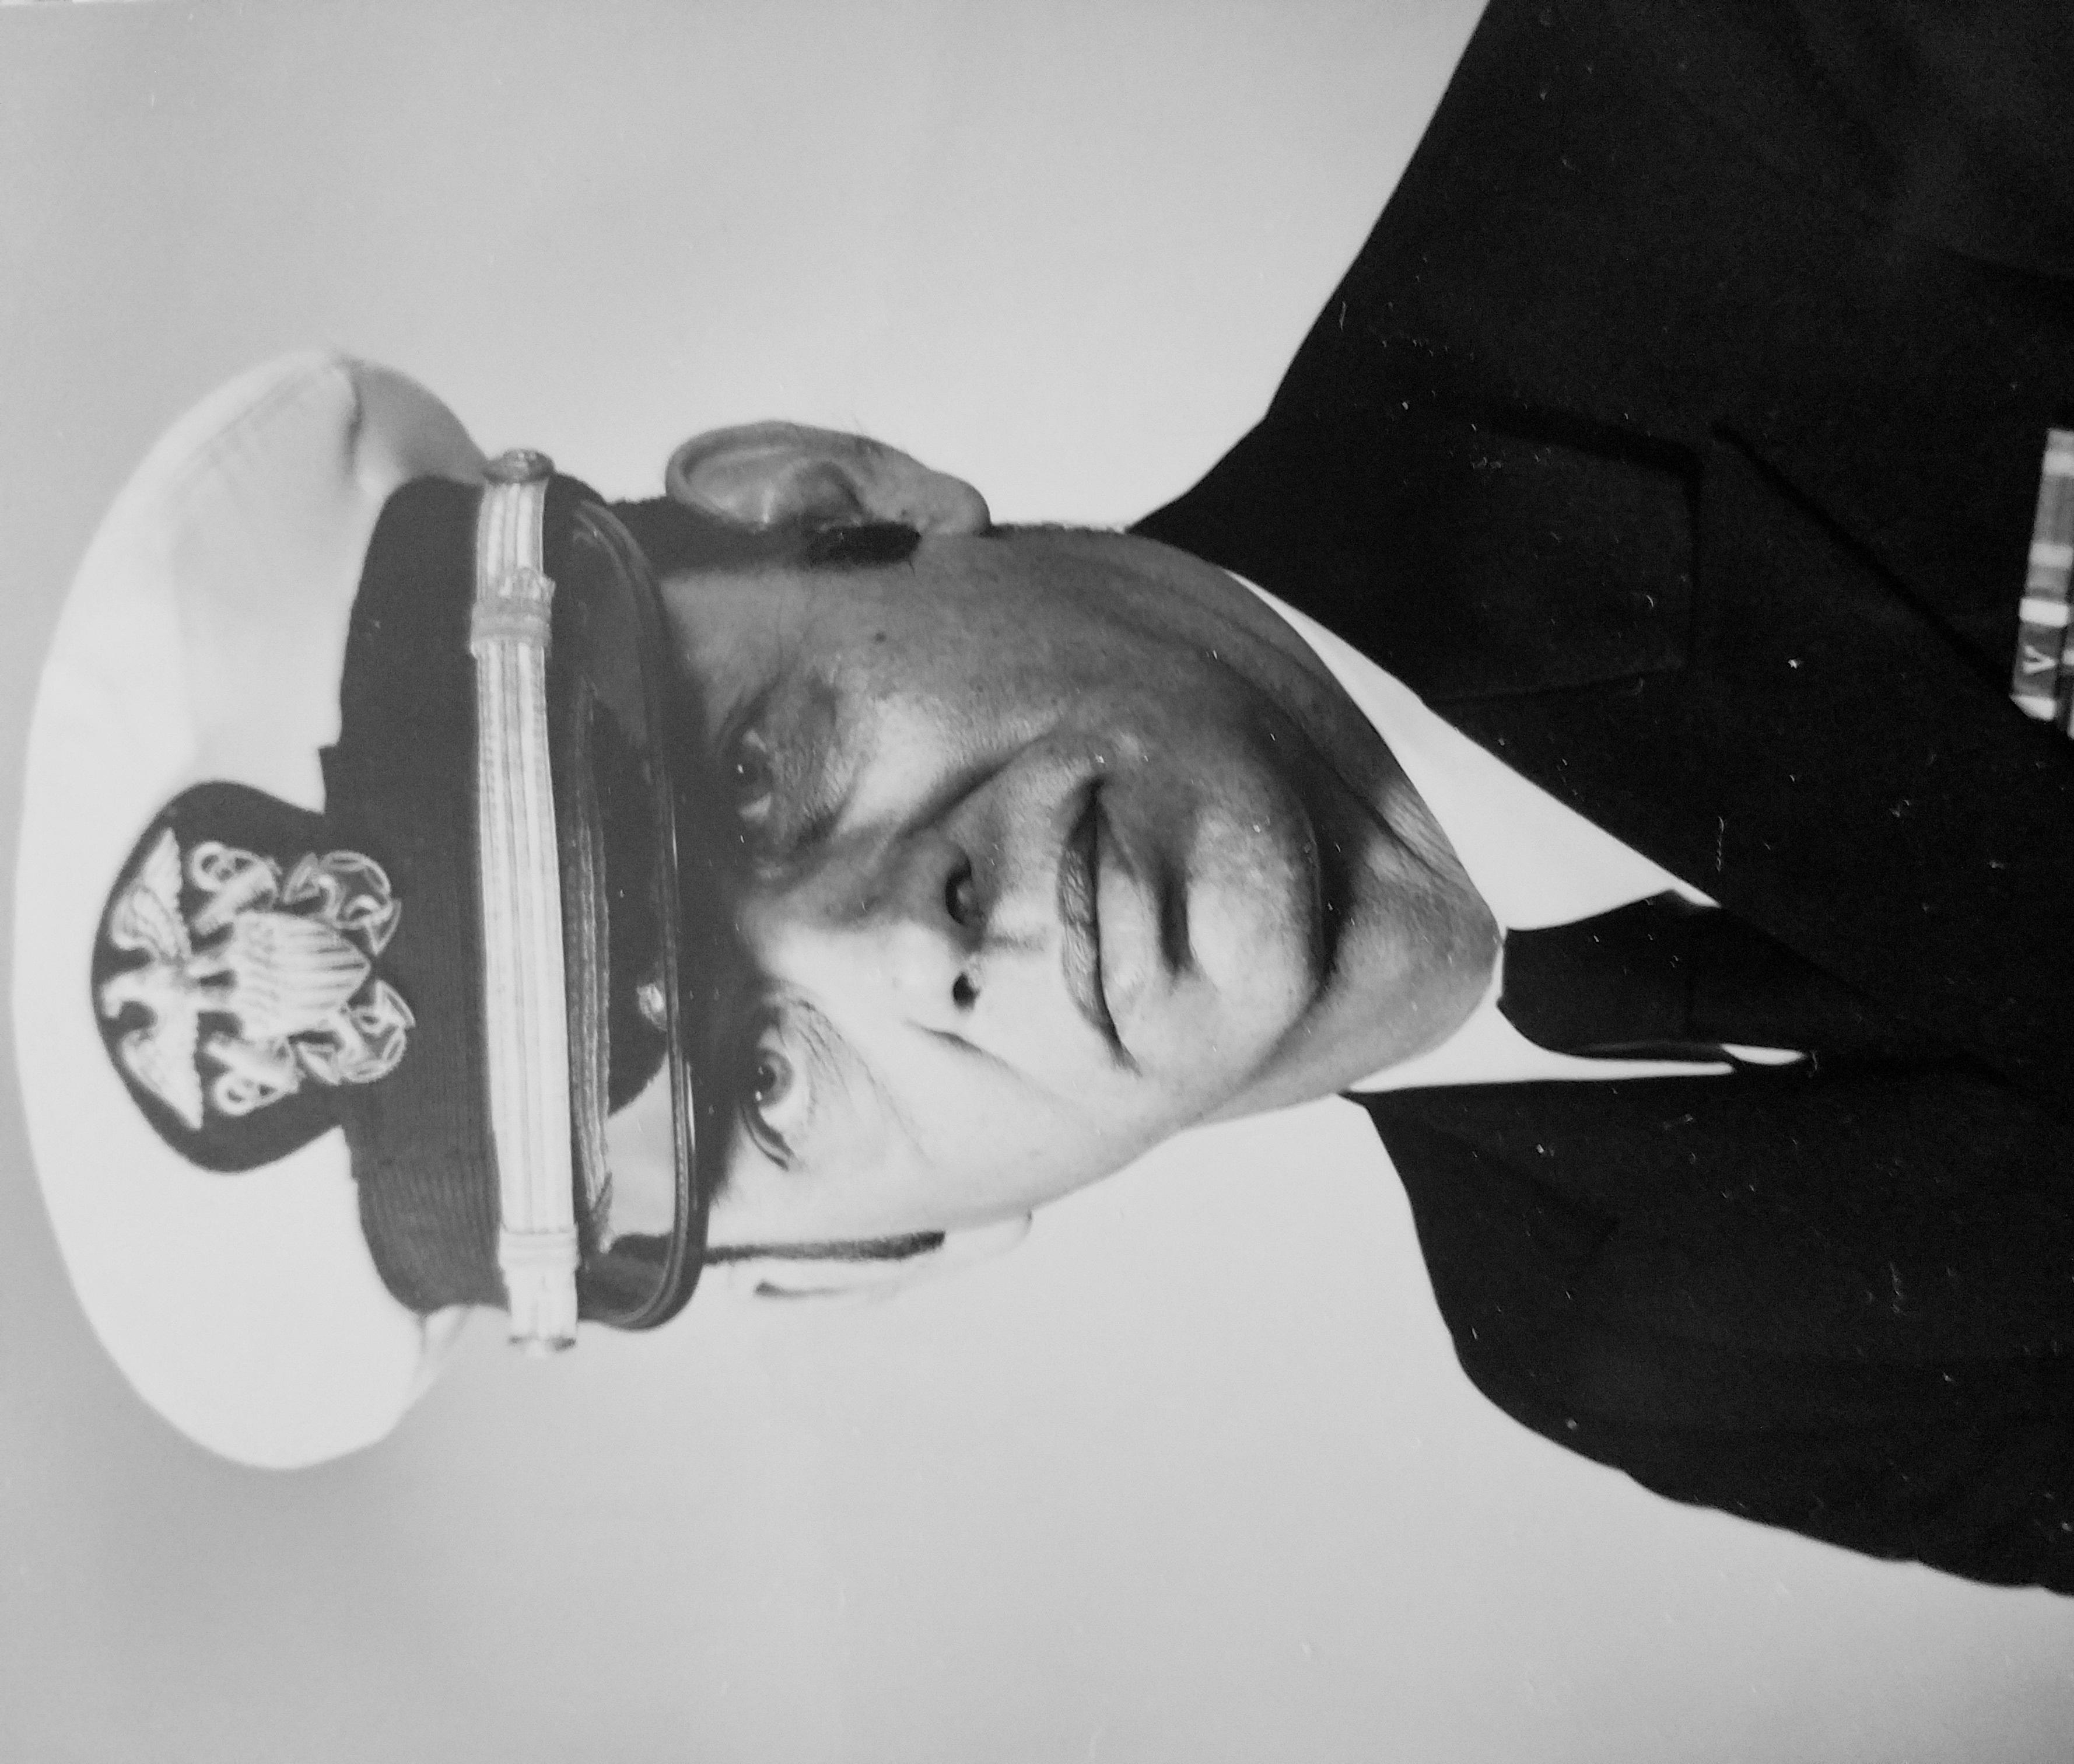 WILLIAM J. BAUMAN